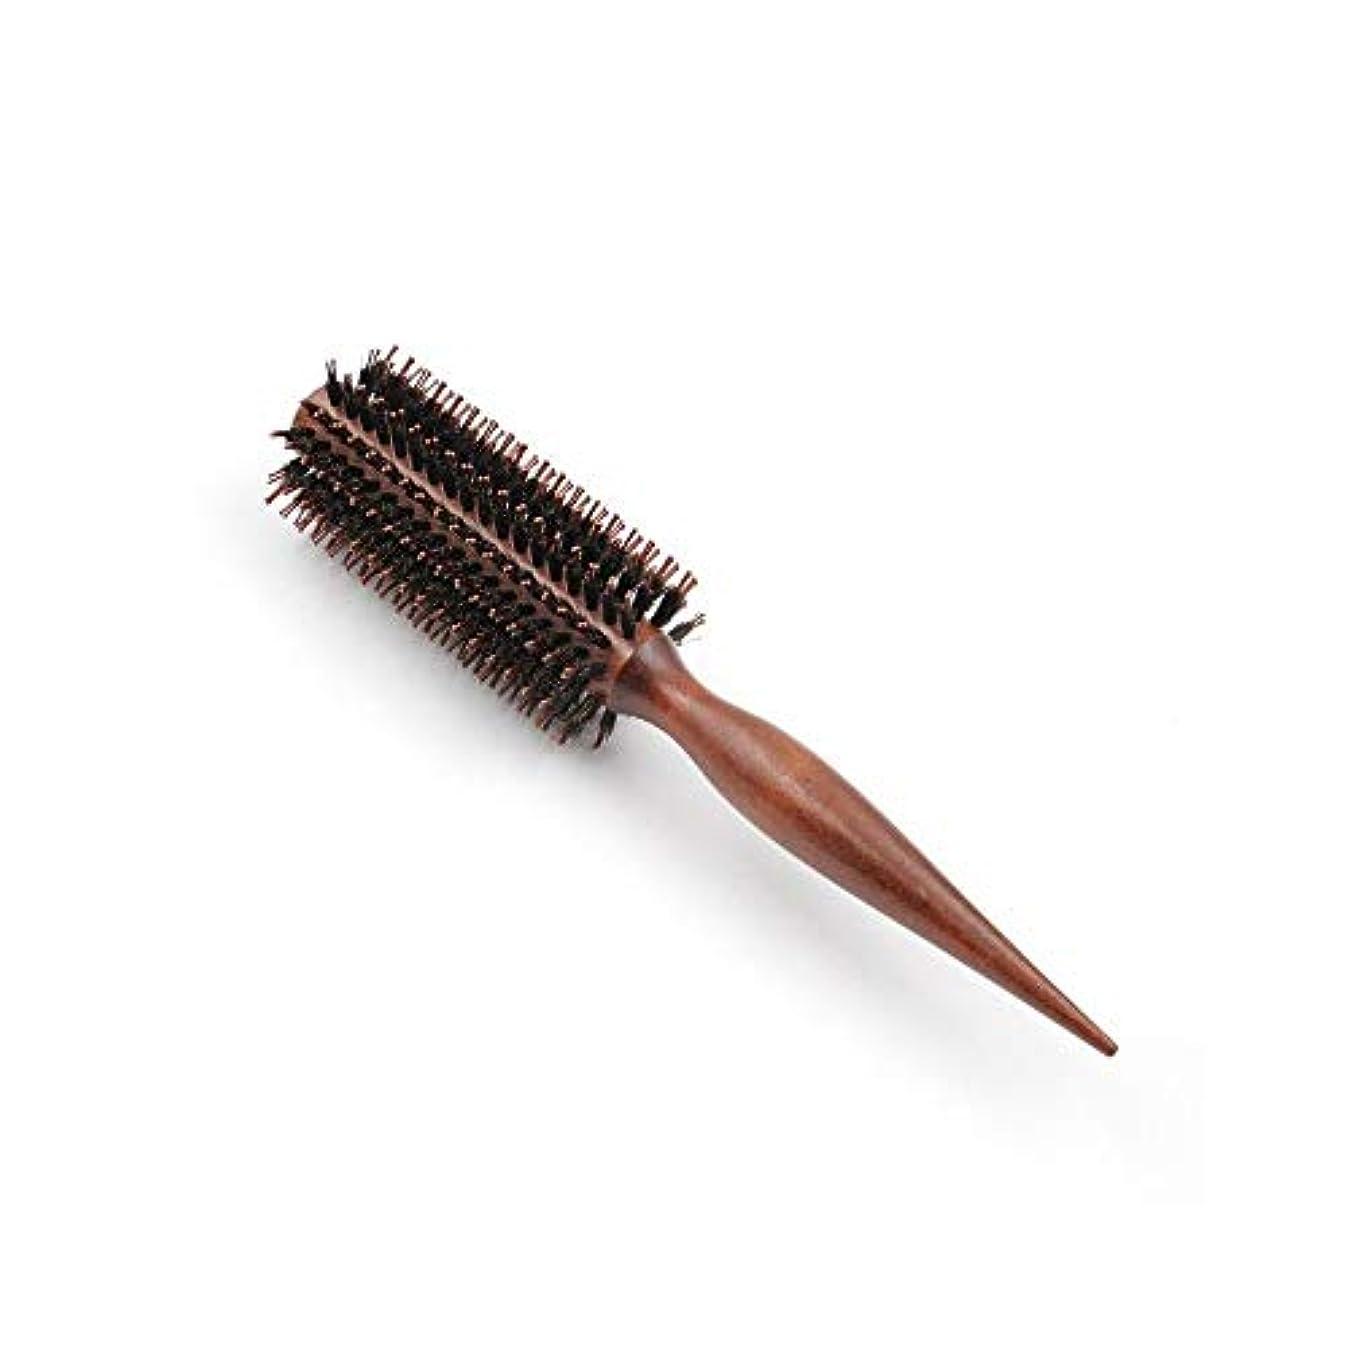 光のリーク北米ヘアコーム理髪くし 髪の毛ラウンドブラシはサロンのヘアデザインのためのドライ木製ローリングくしフェラ ヘアスタイリングコーム (Color : Straight, Size : 10 rows)